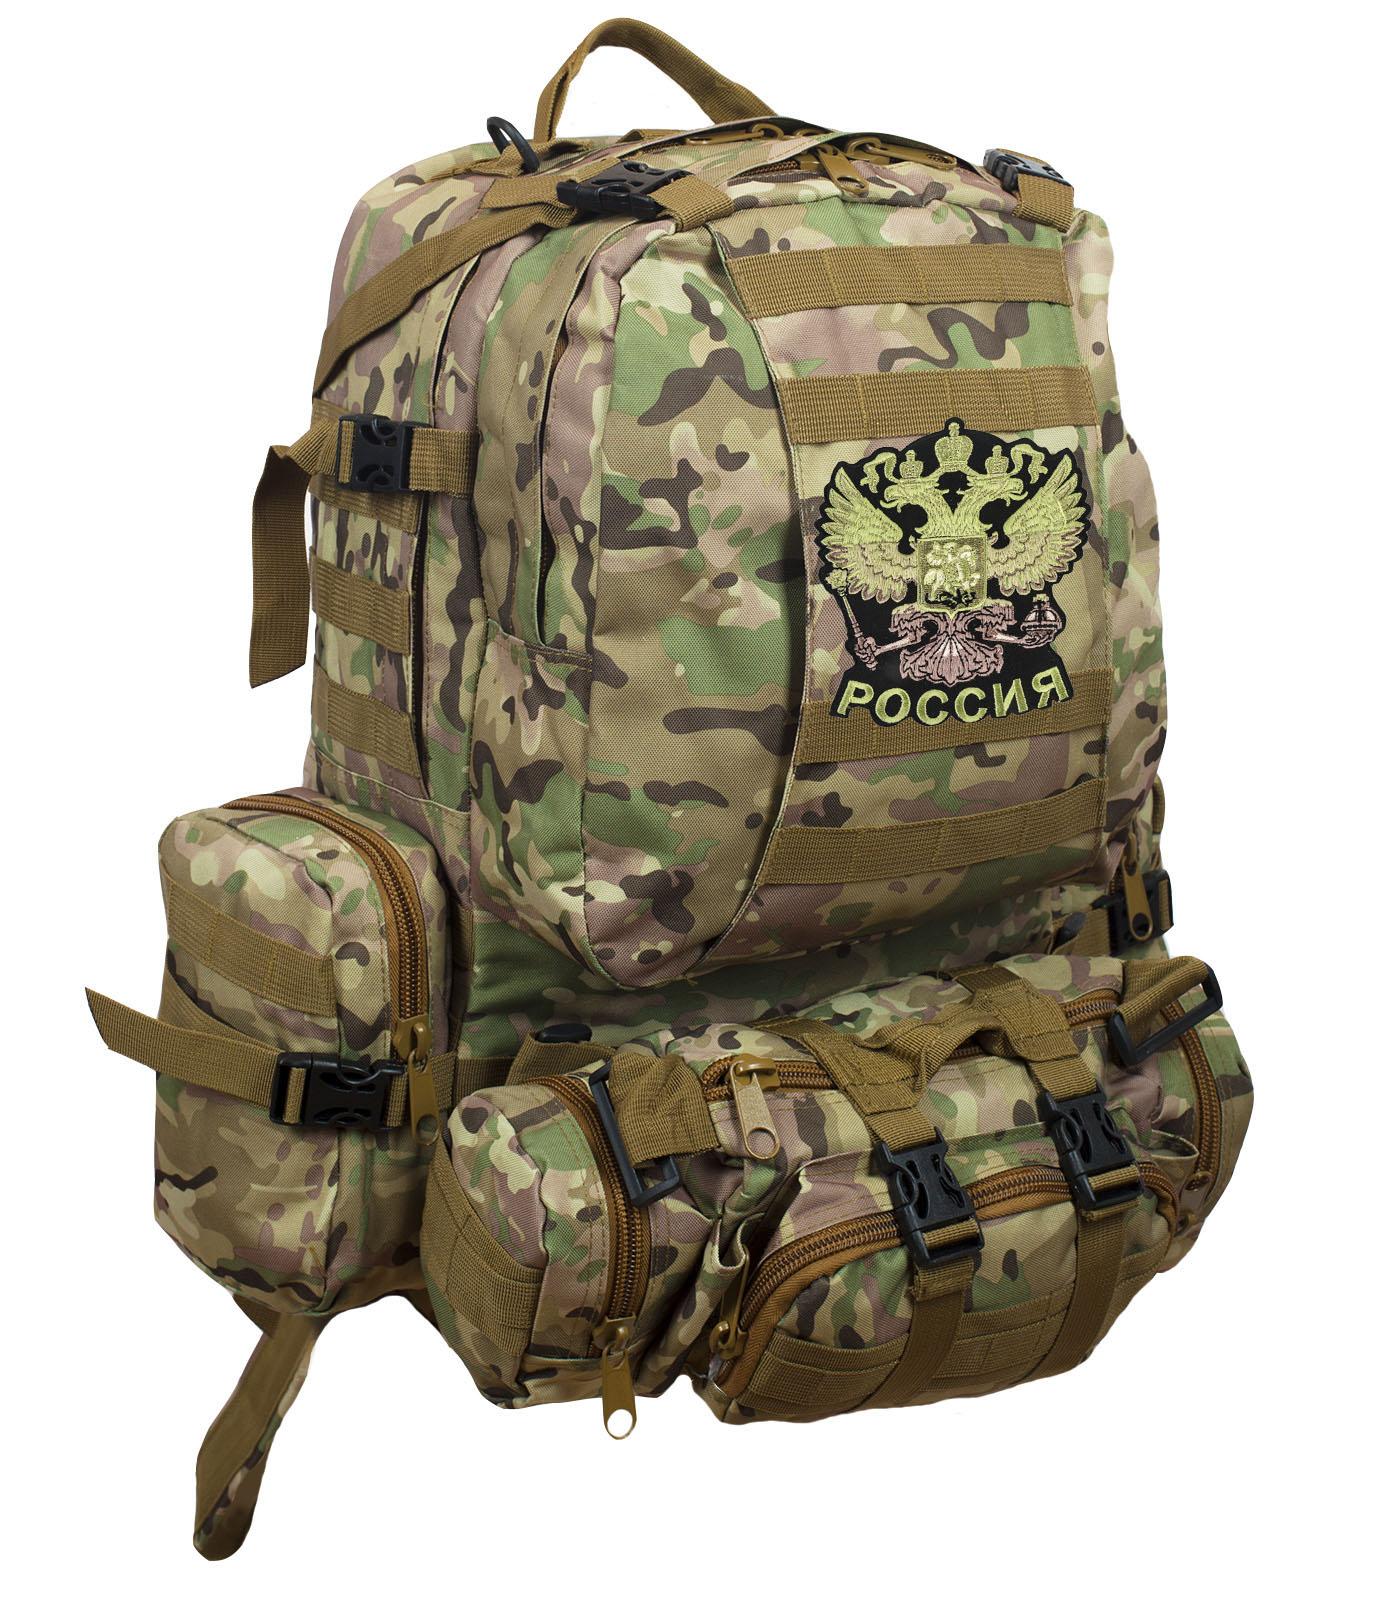 Функциональный вместительный рюкзак с нашивкой Герб РФ